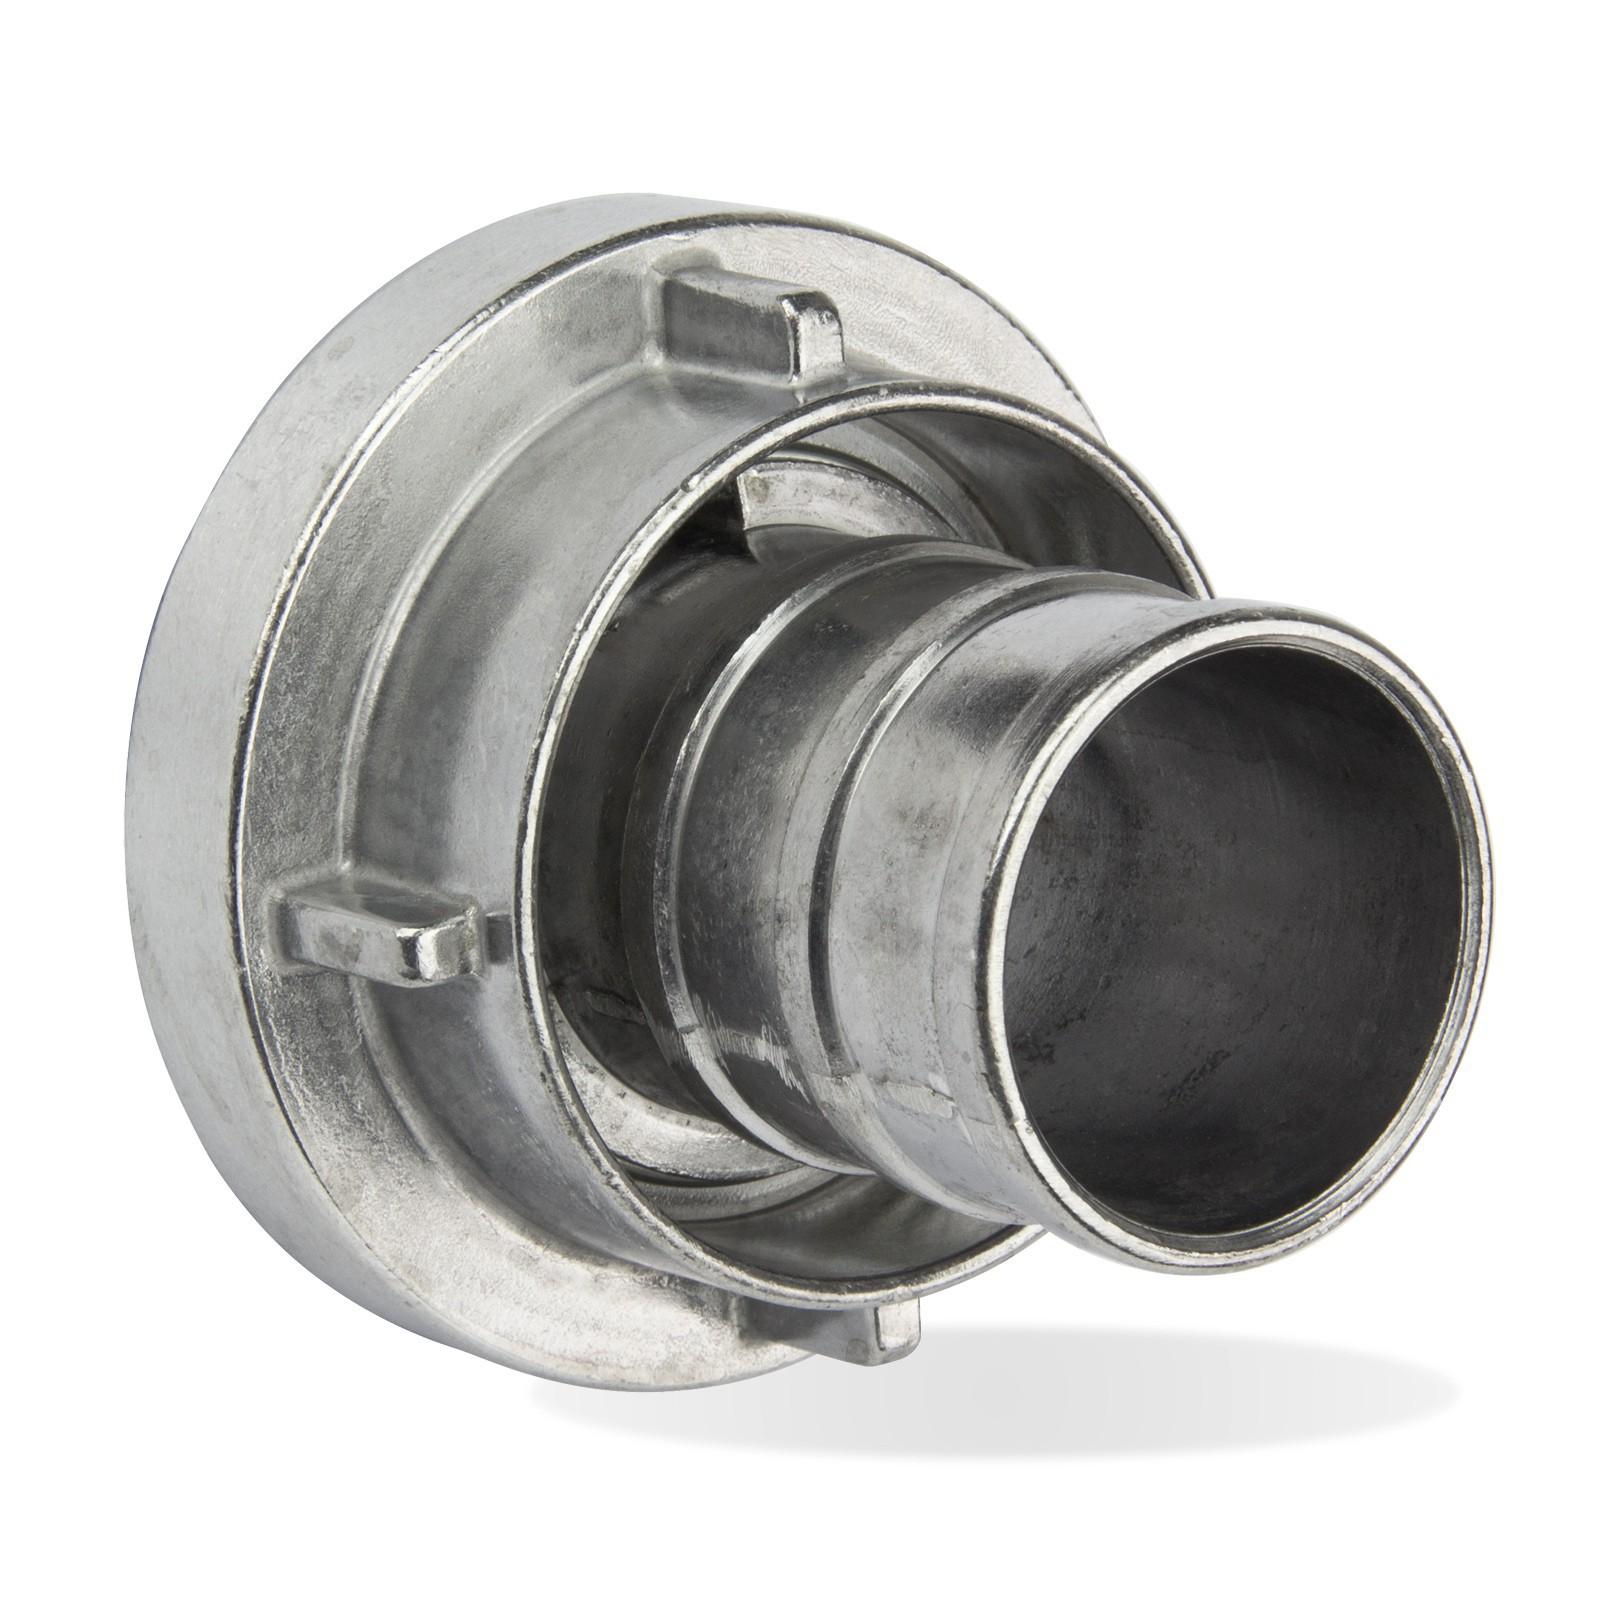 storz kupplung d schlaucht lle 25 mm 1 zoll feuerwehrkupplung. Black Bedroom Furniture Sets. Home Design Ideas